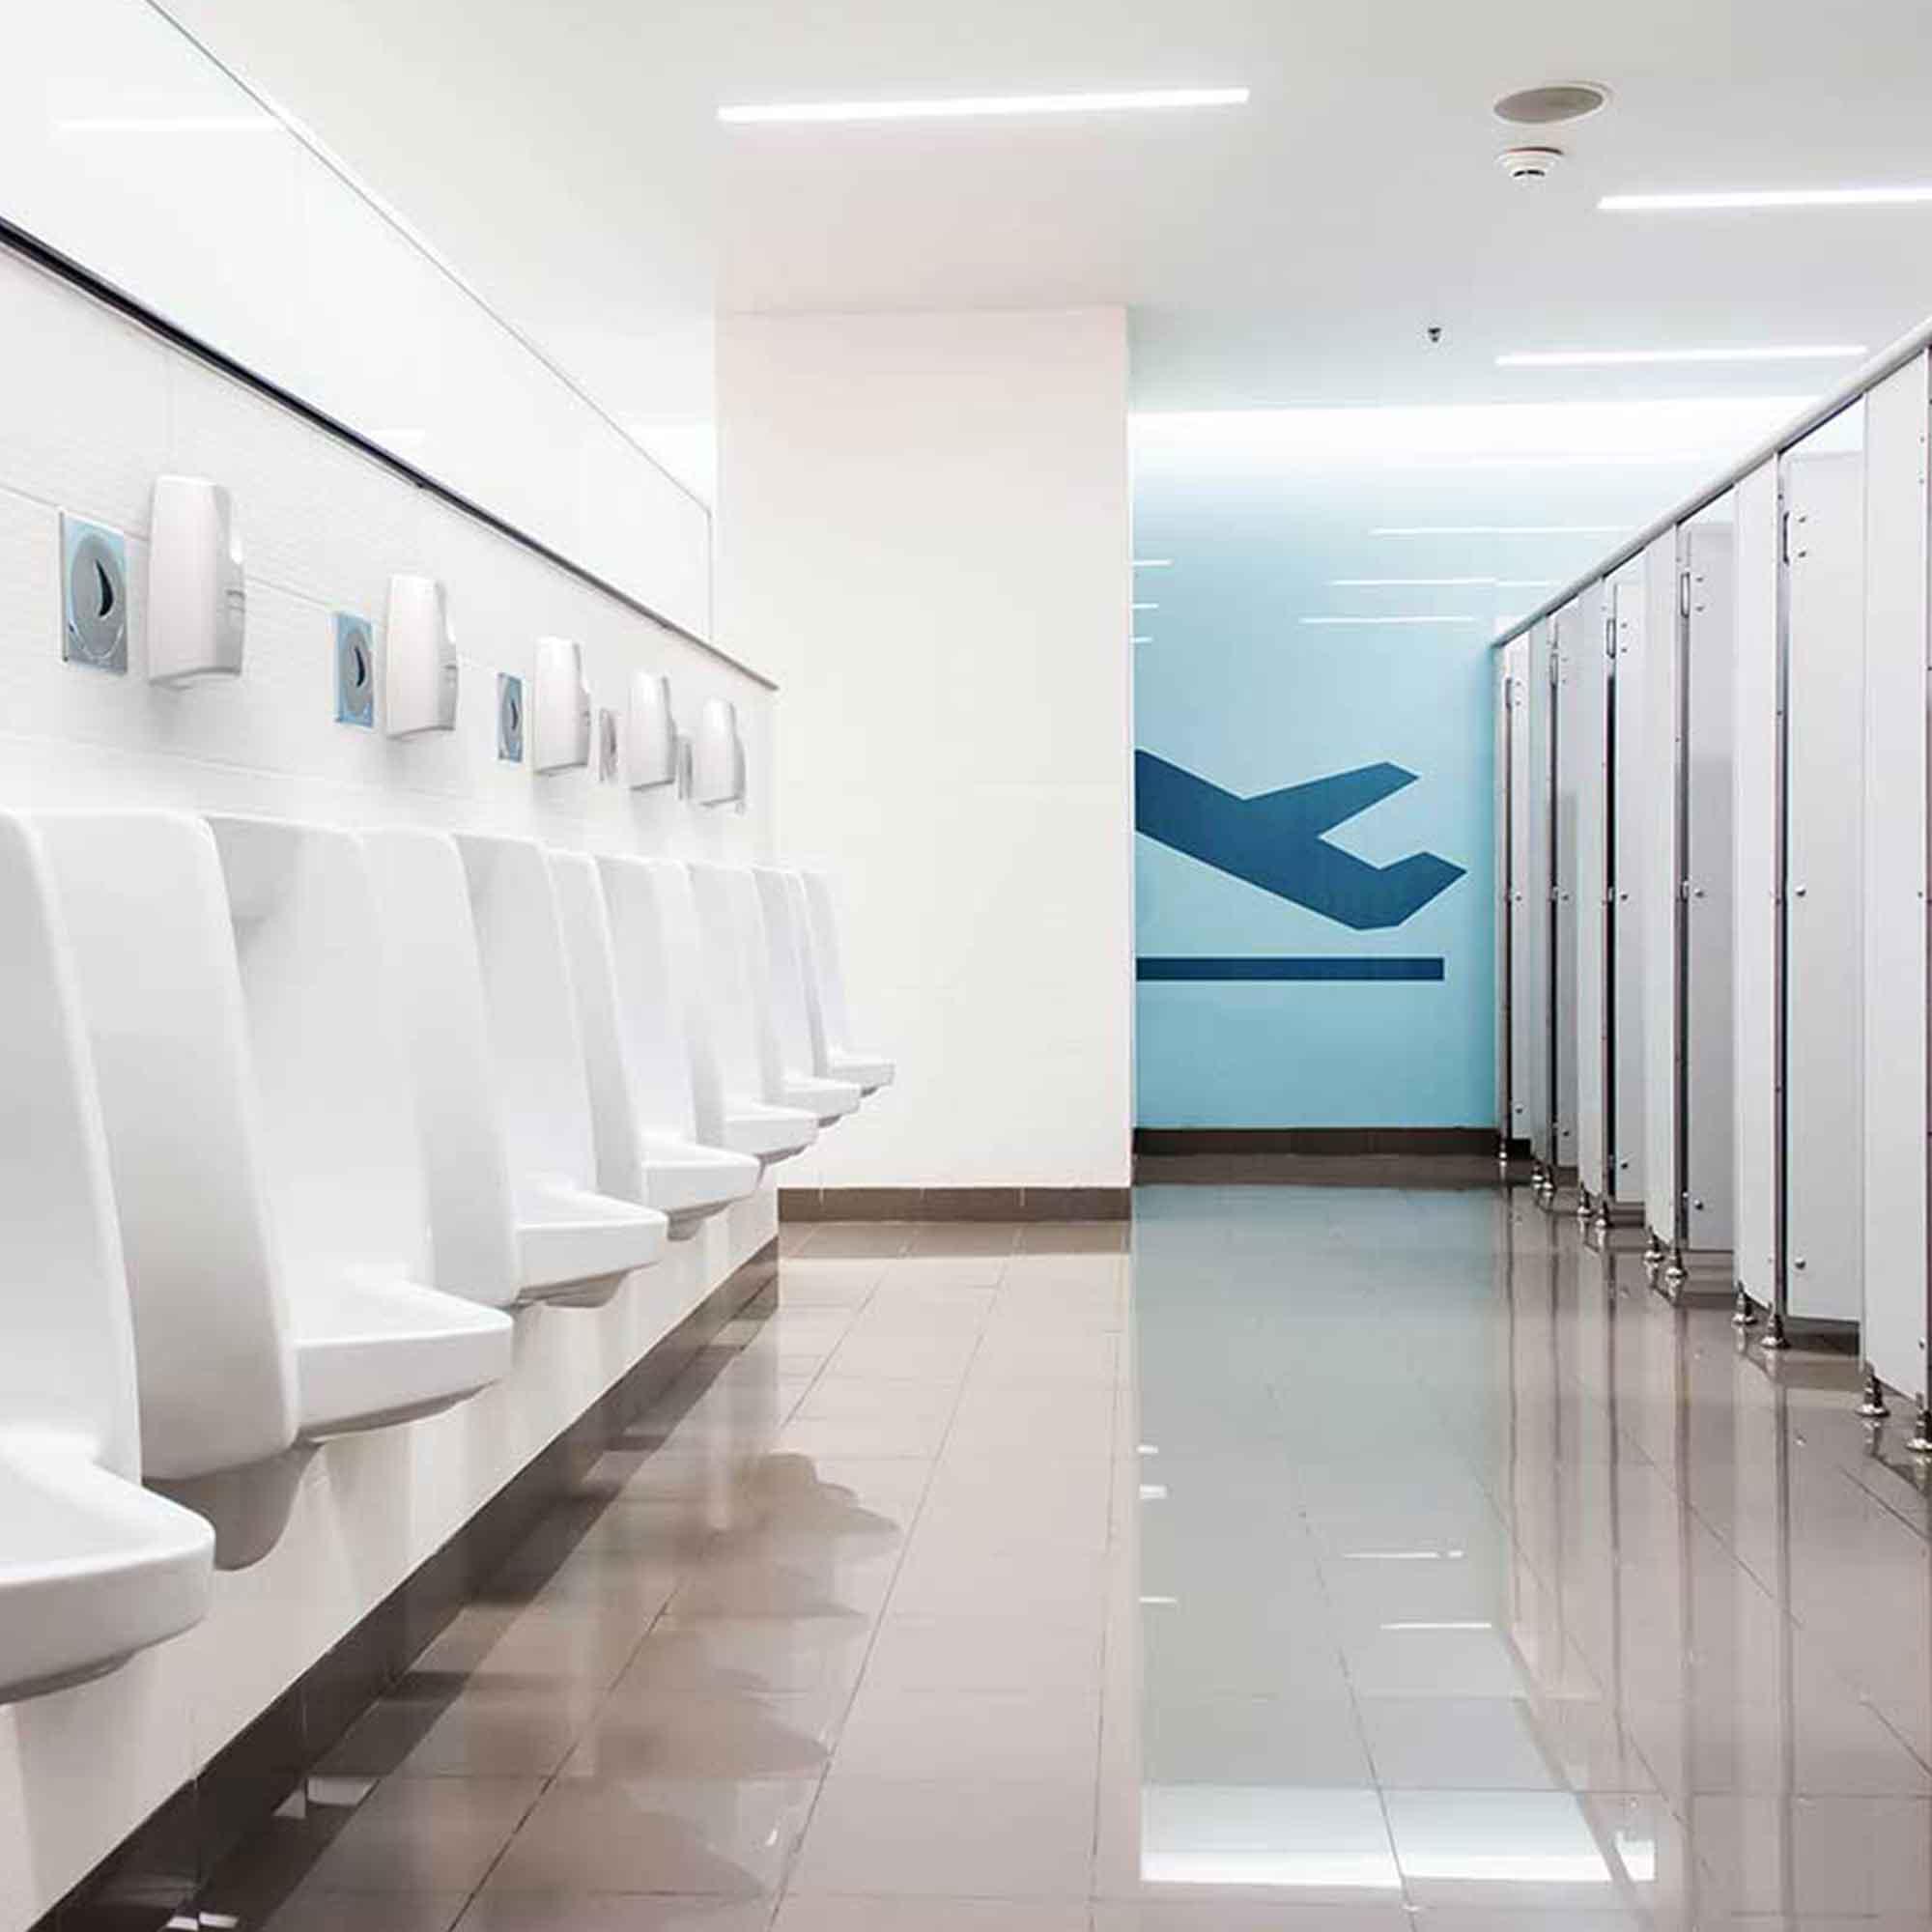 Quadrasan in airport urinals